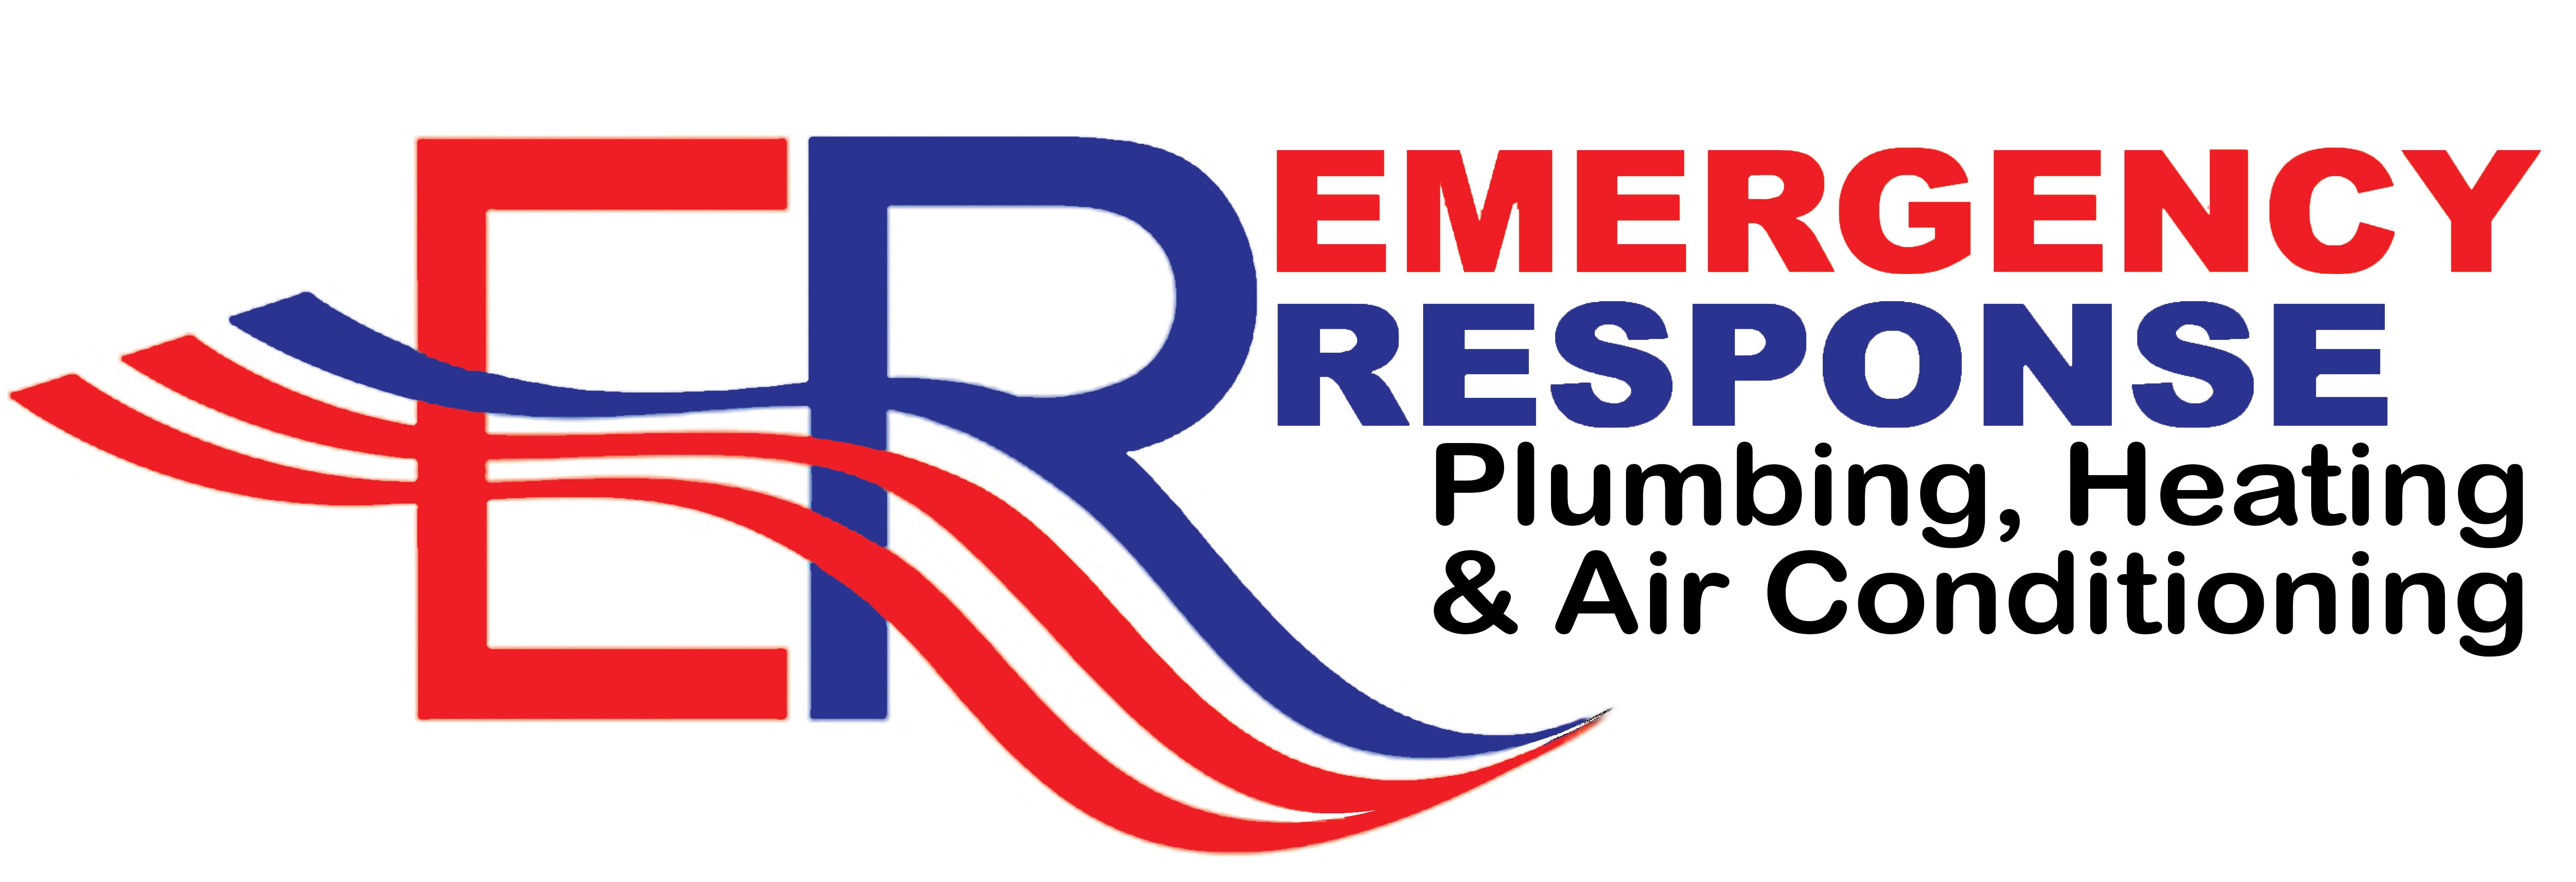 Emergency Response Company Logo